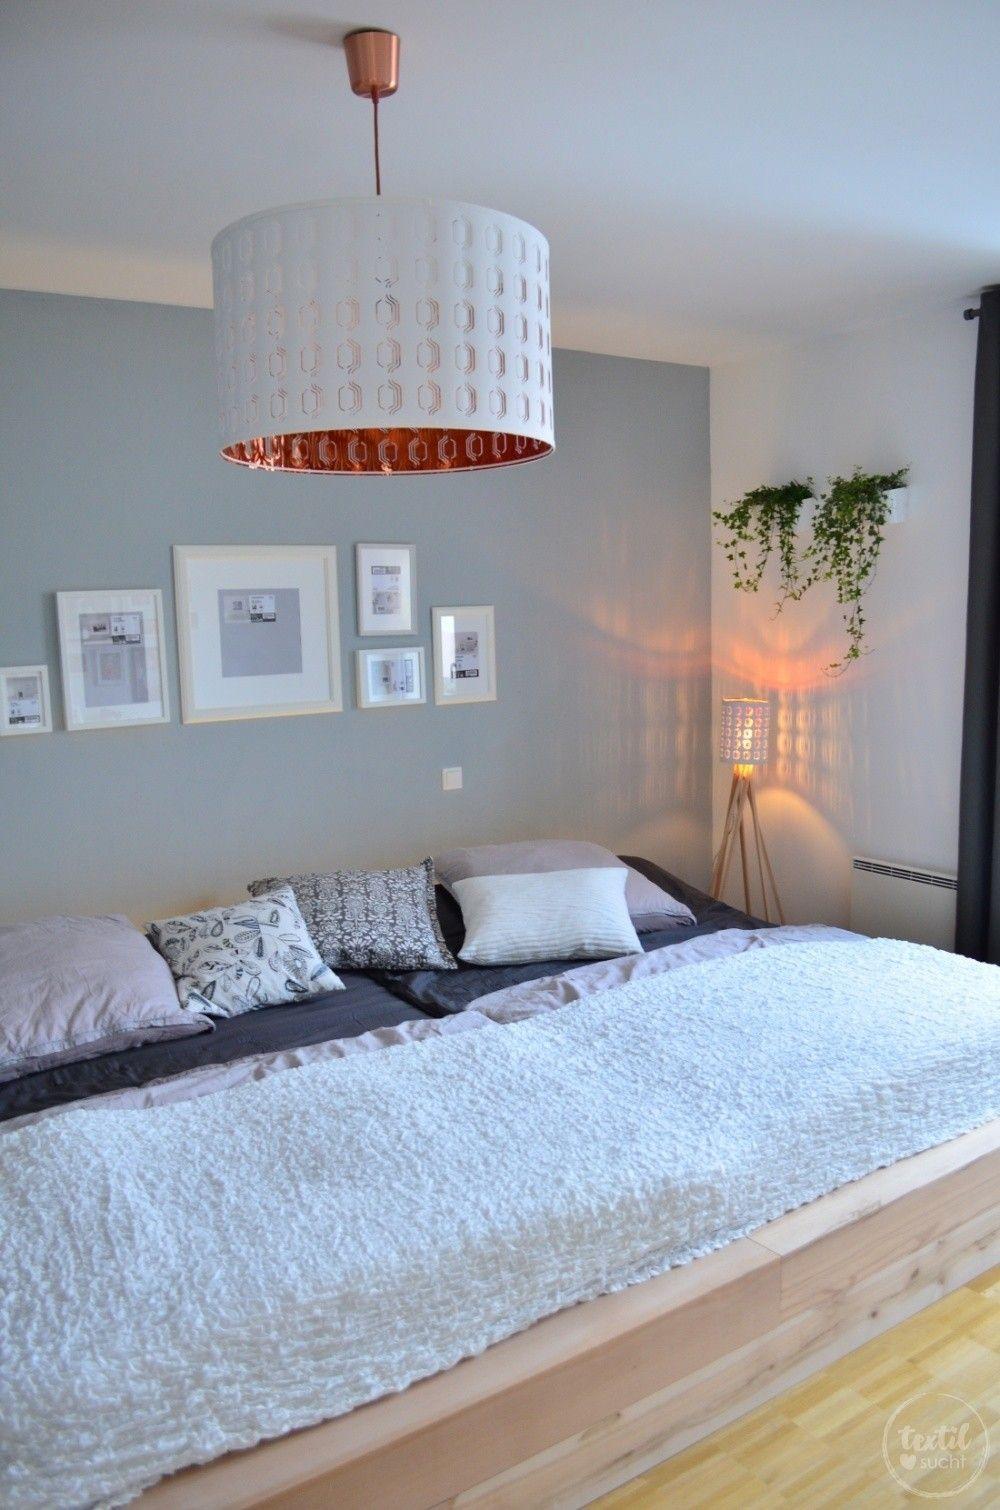 Neues schlafzimmer interieur einmal neues schlafzimmer bitte unser xxl familienbett  pinterest